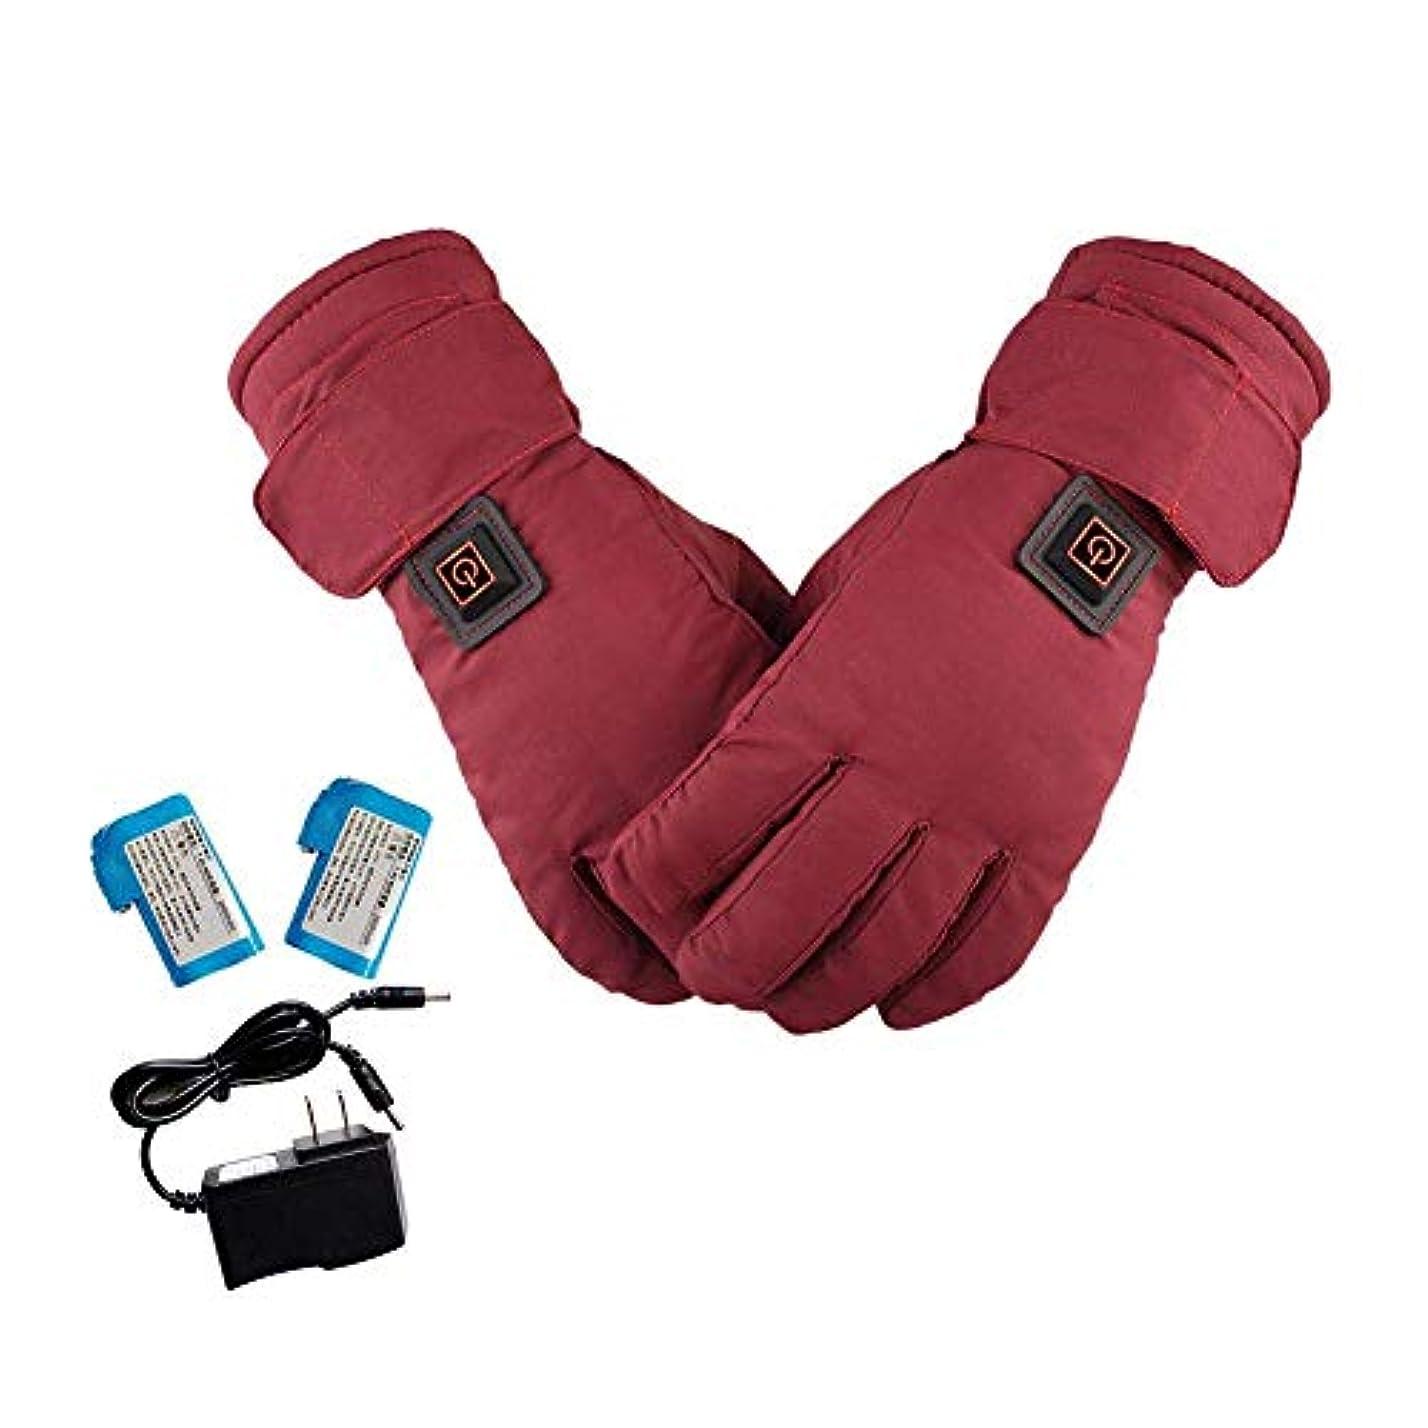 個人的に匹敵します思い出す女性加熱手袋、関節炎スキーオートバイサイクリング用ハンドウォーマー防風充電式防水タッチスクリーンの冬の熱手袋